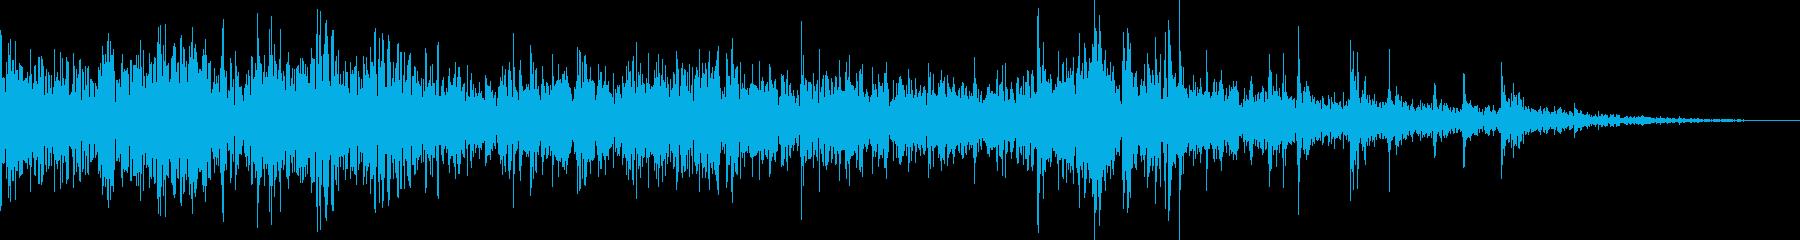 ドンパァ!本当にリアルな花火の効果音10の再生済みの波形